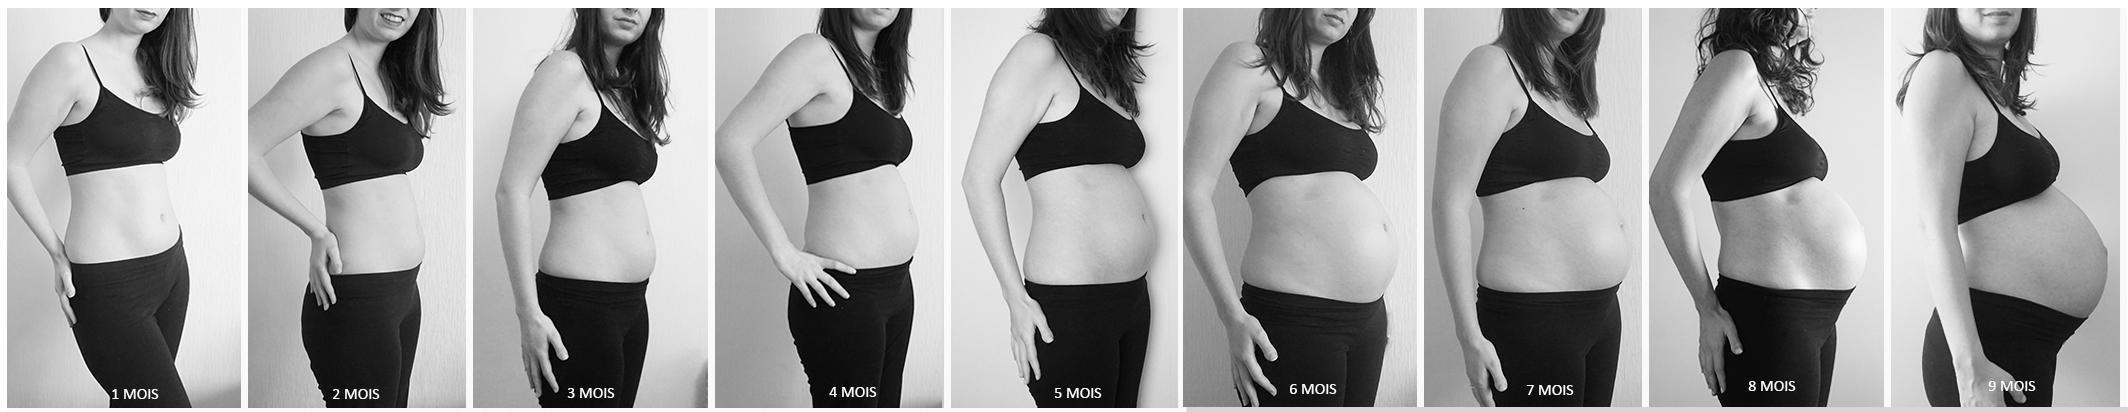 grossesse-mois-9